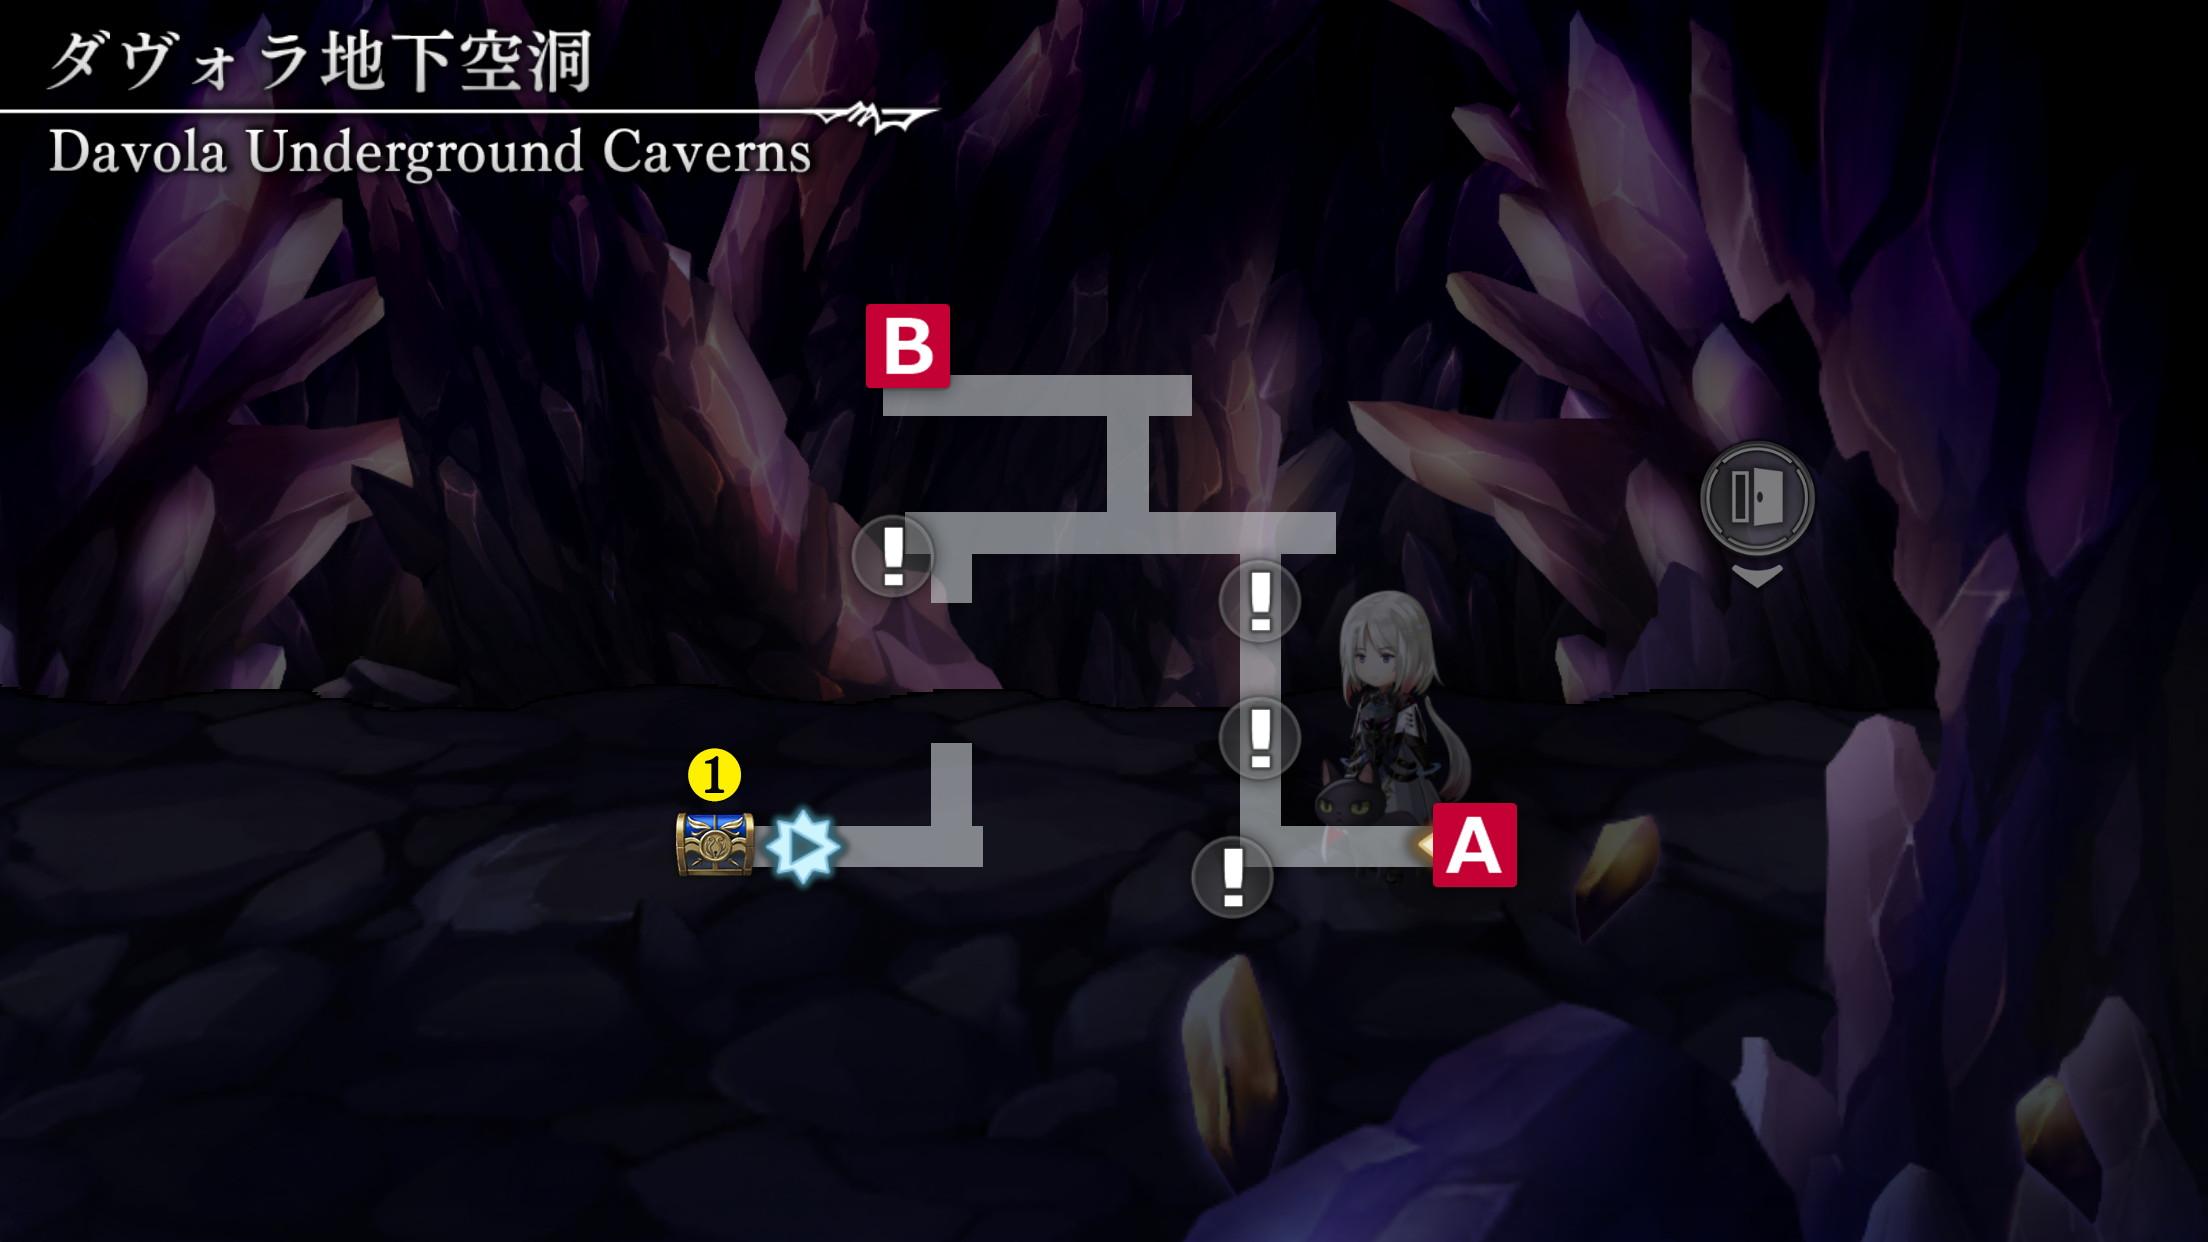 ダヴォラ地下空洞マップ2